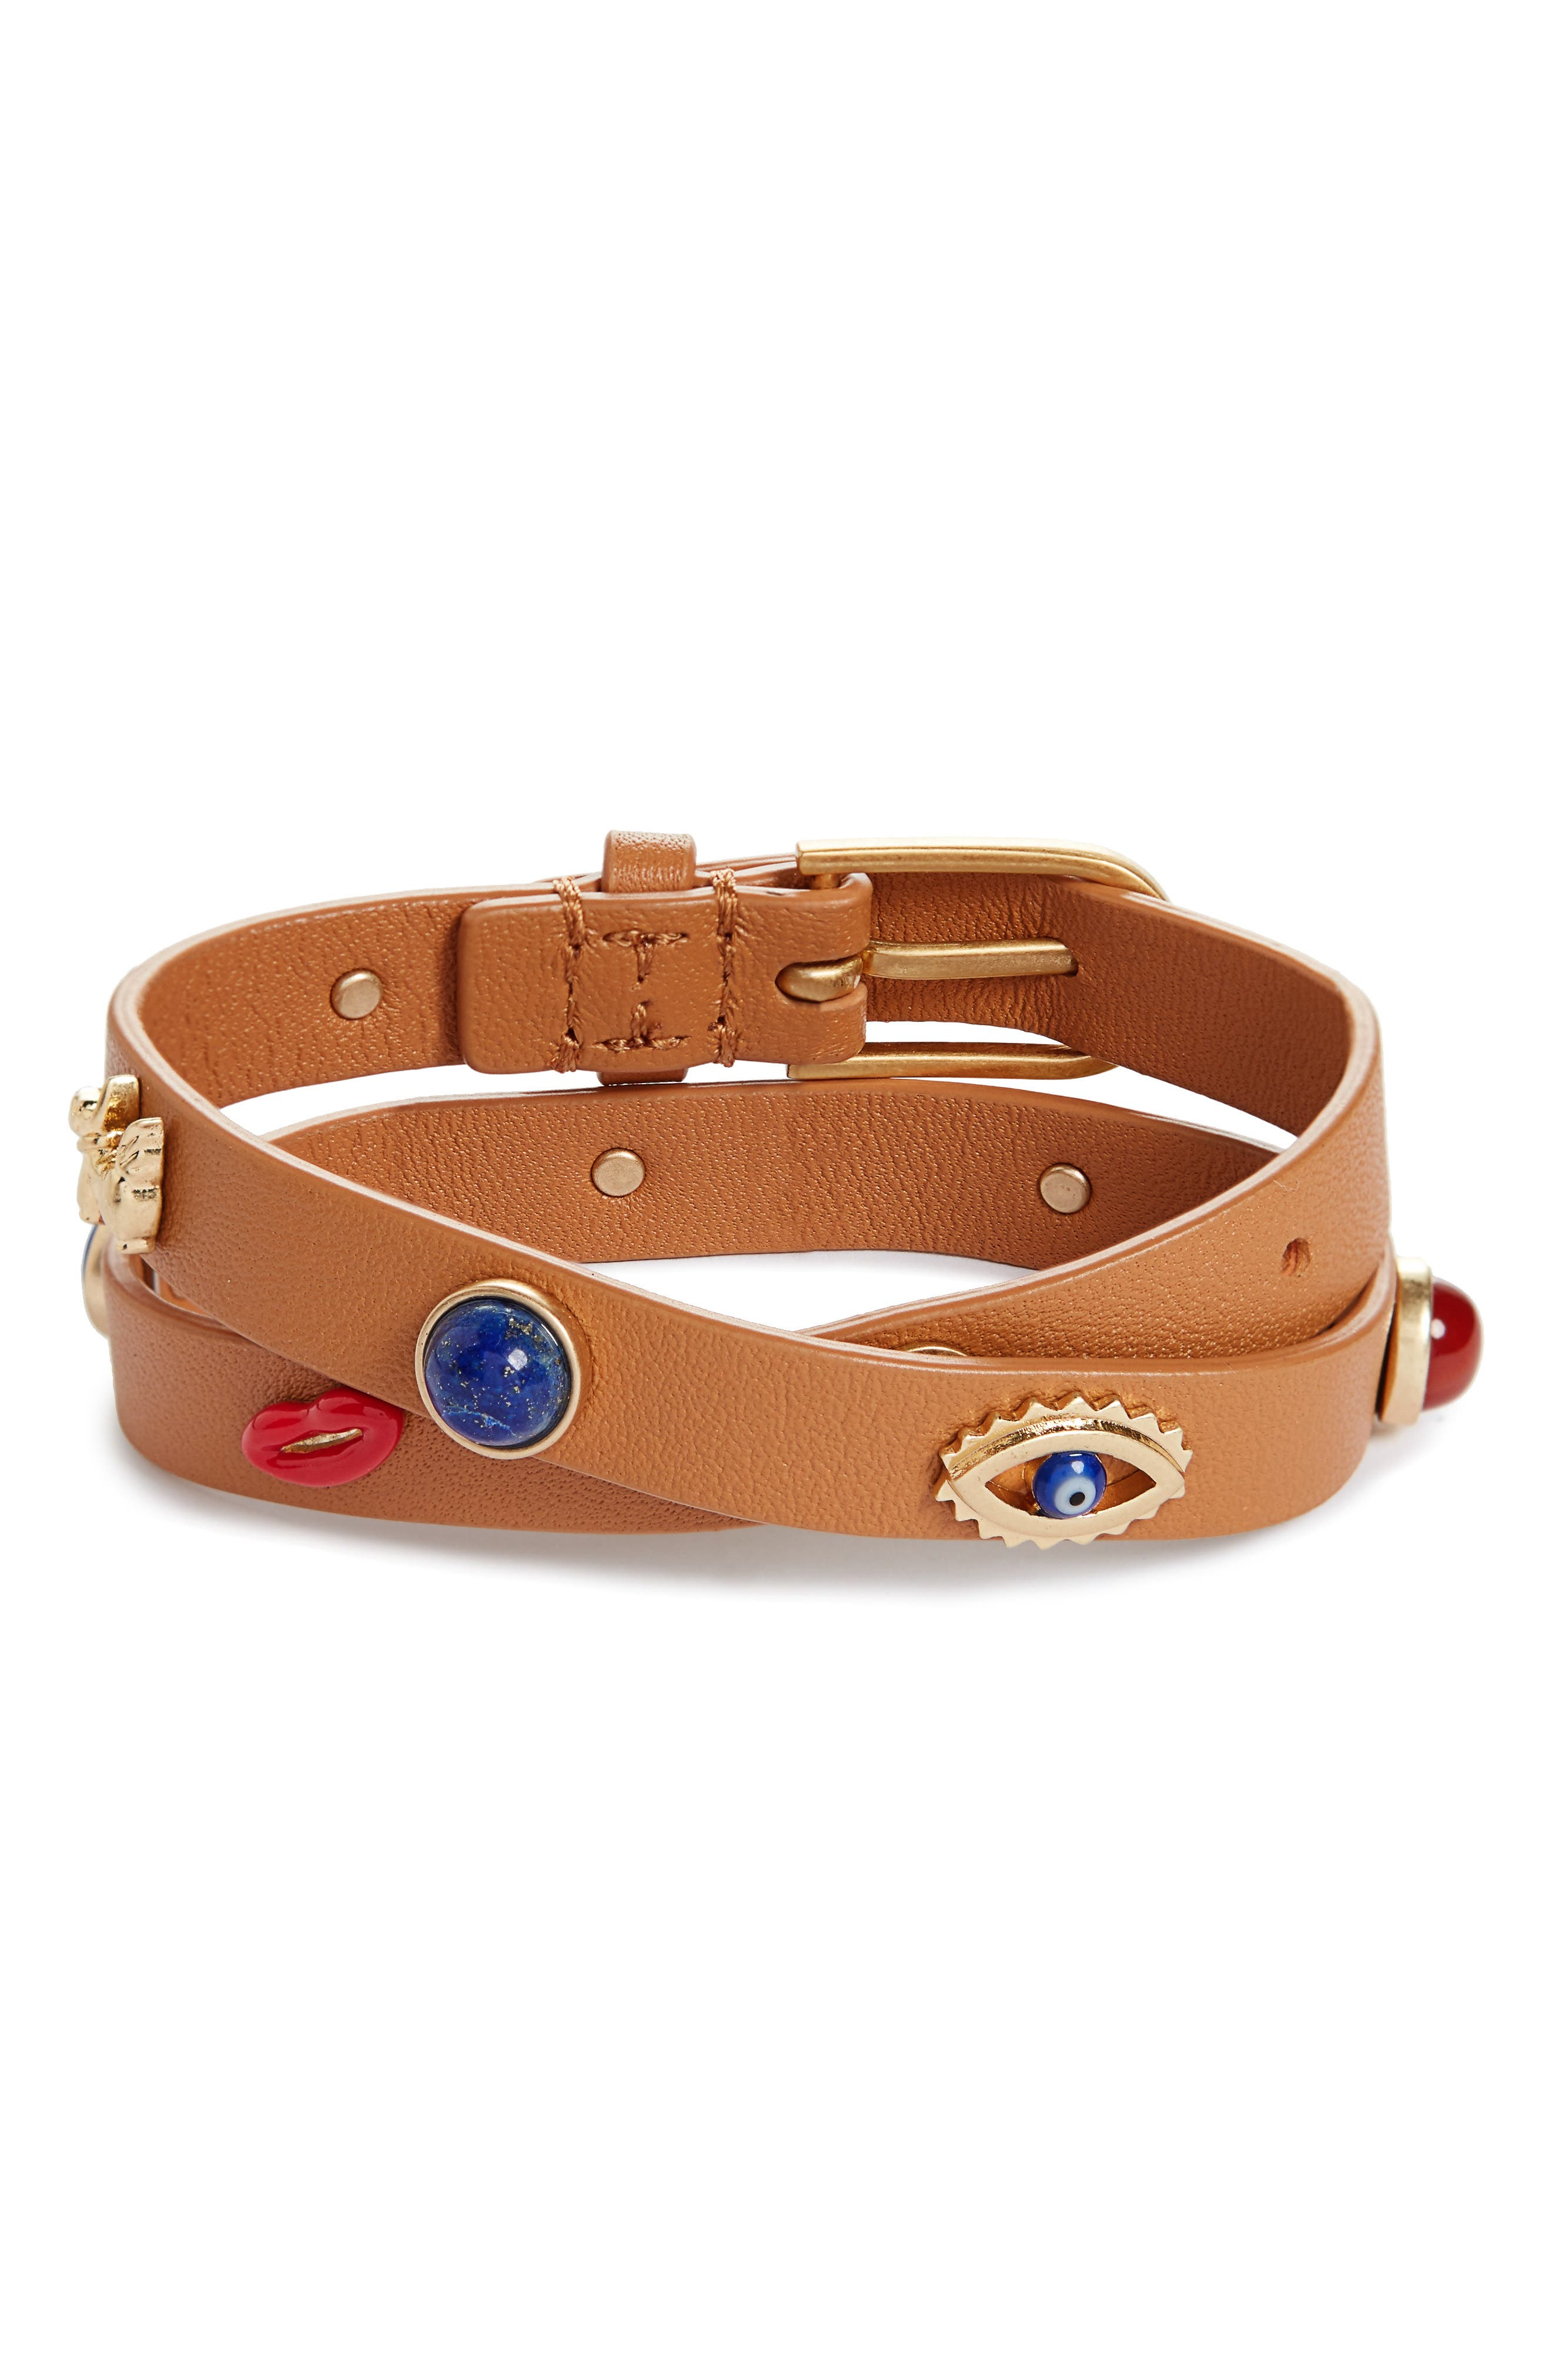 Crazy Charms Double Wrap Bracelet,                             Main thumbnail 1, color,                             238